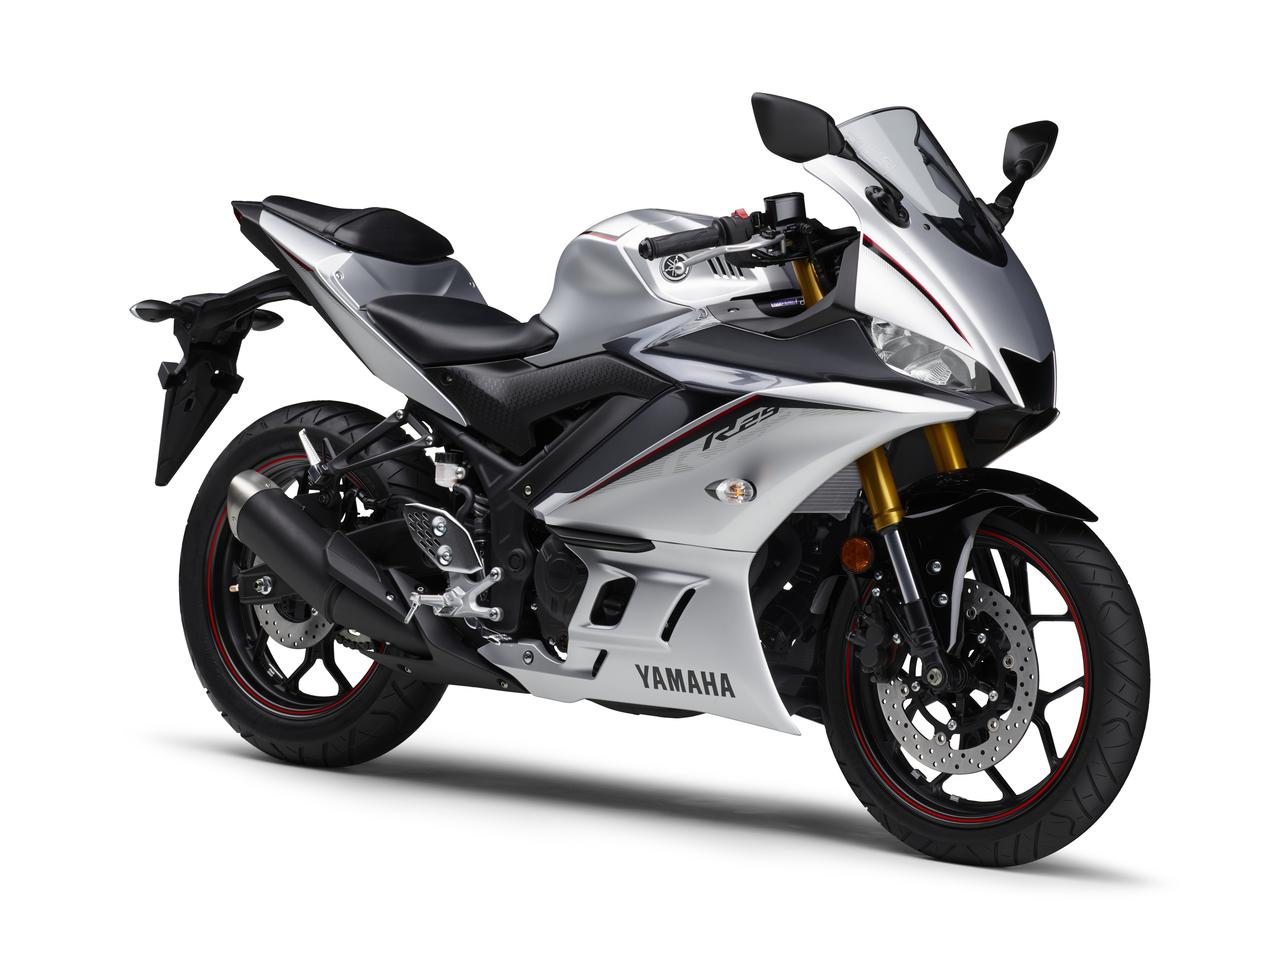 画像41: ヤマハ「YZF-R25/ABS」「YZF-R3 ABS」の2020年モデルが2月14日(金)発売! 3色展開で、すべてニューカラー!